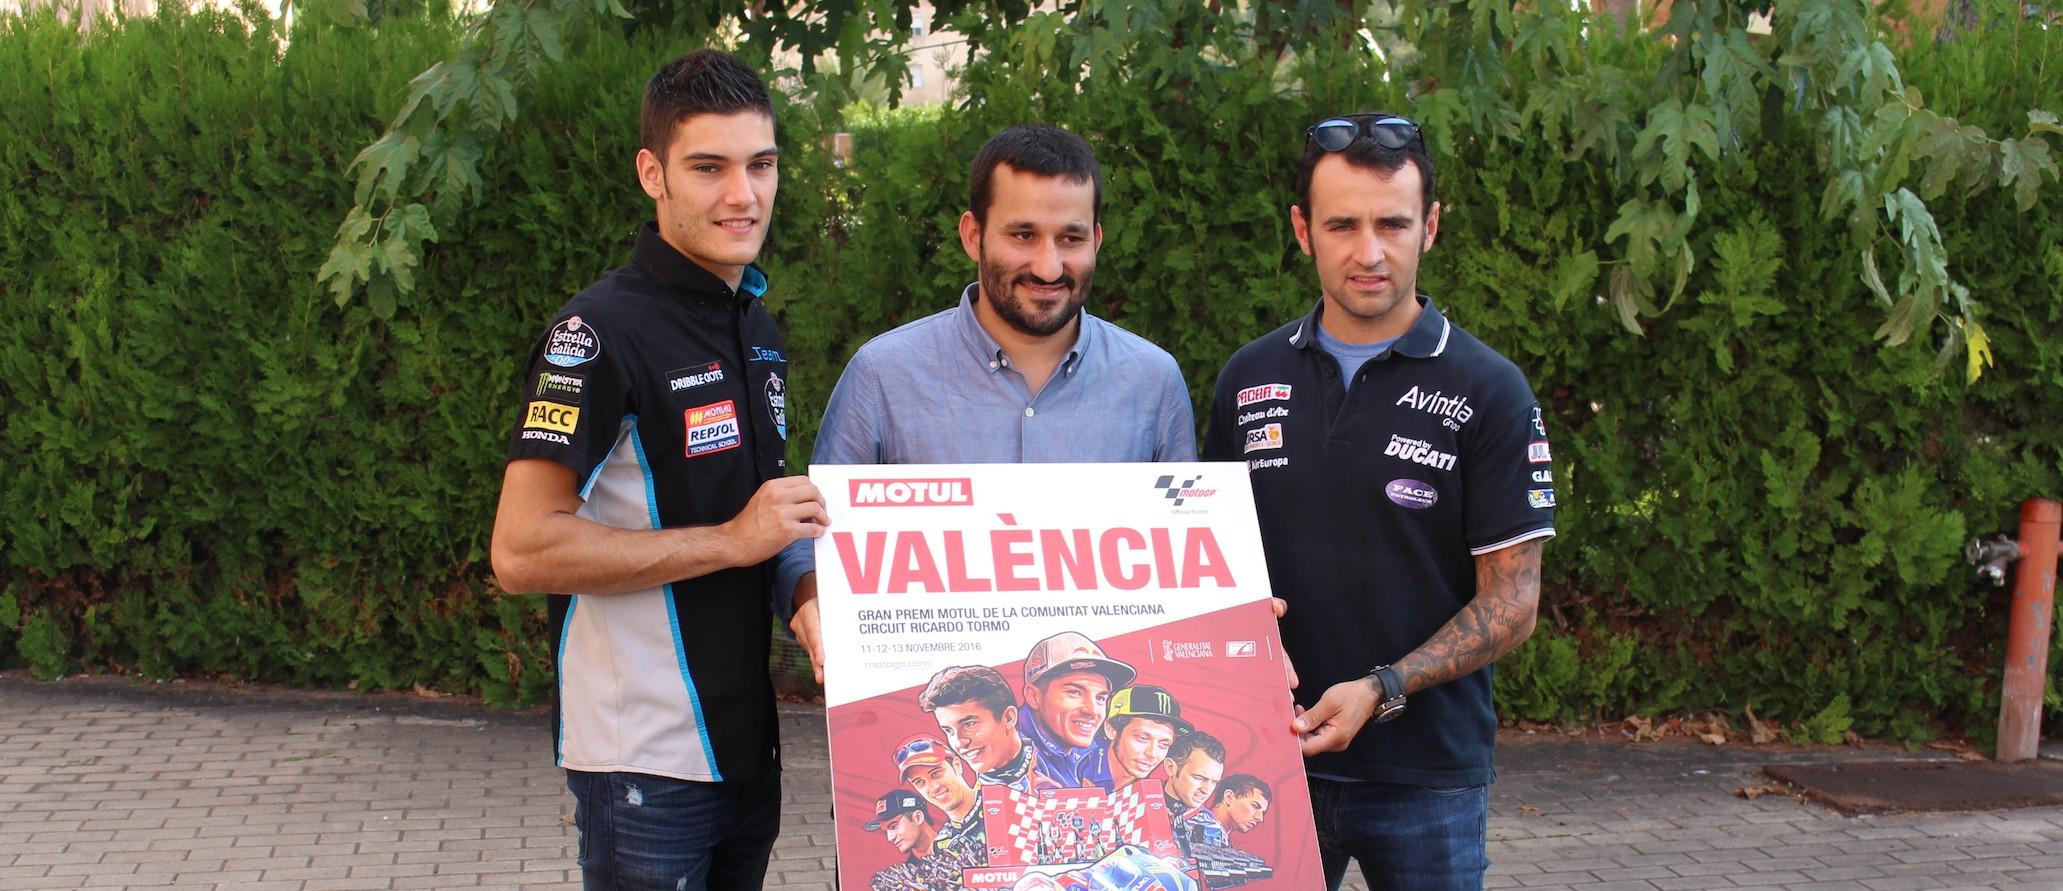 Los pilotos valencianos del Mundial, Héctor Barberá, Jorge Navarro y Arón Cane han posado junto al cartel con Marzà.